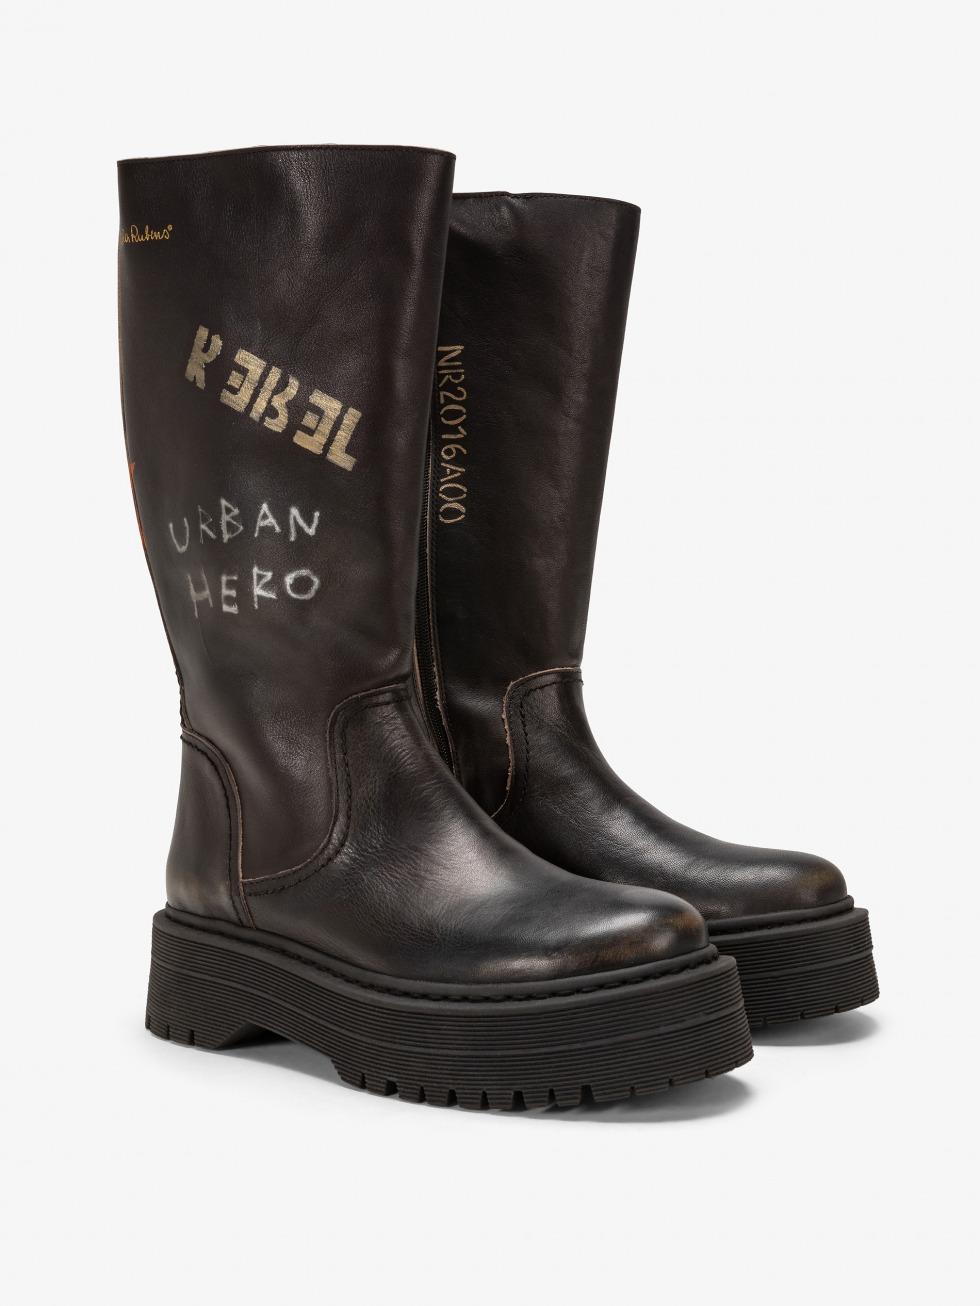 Frozen Top Boot - Rebel Black Vintage